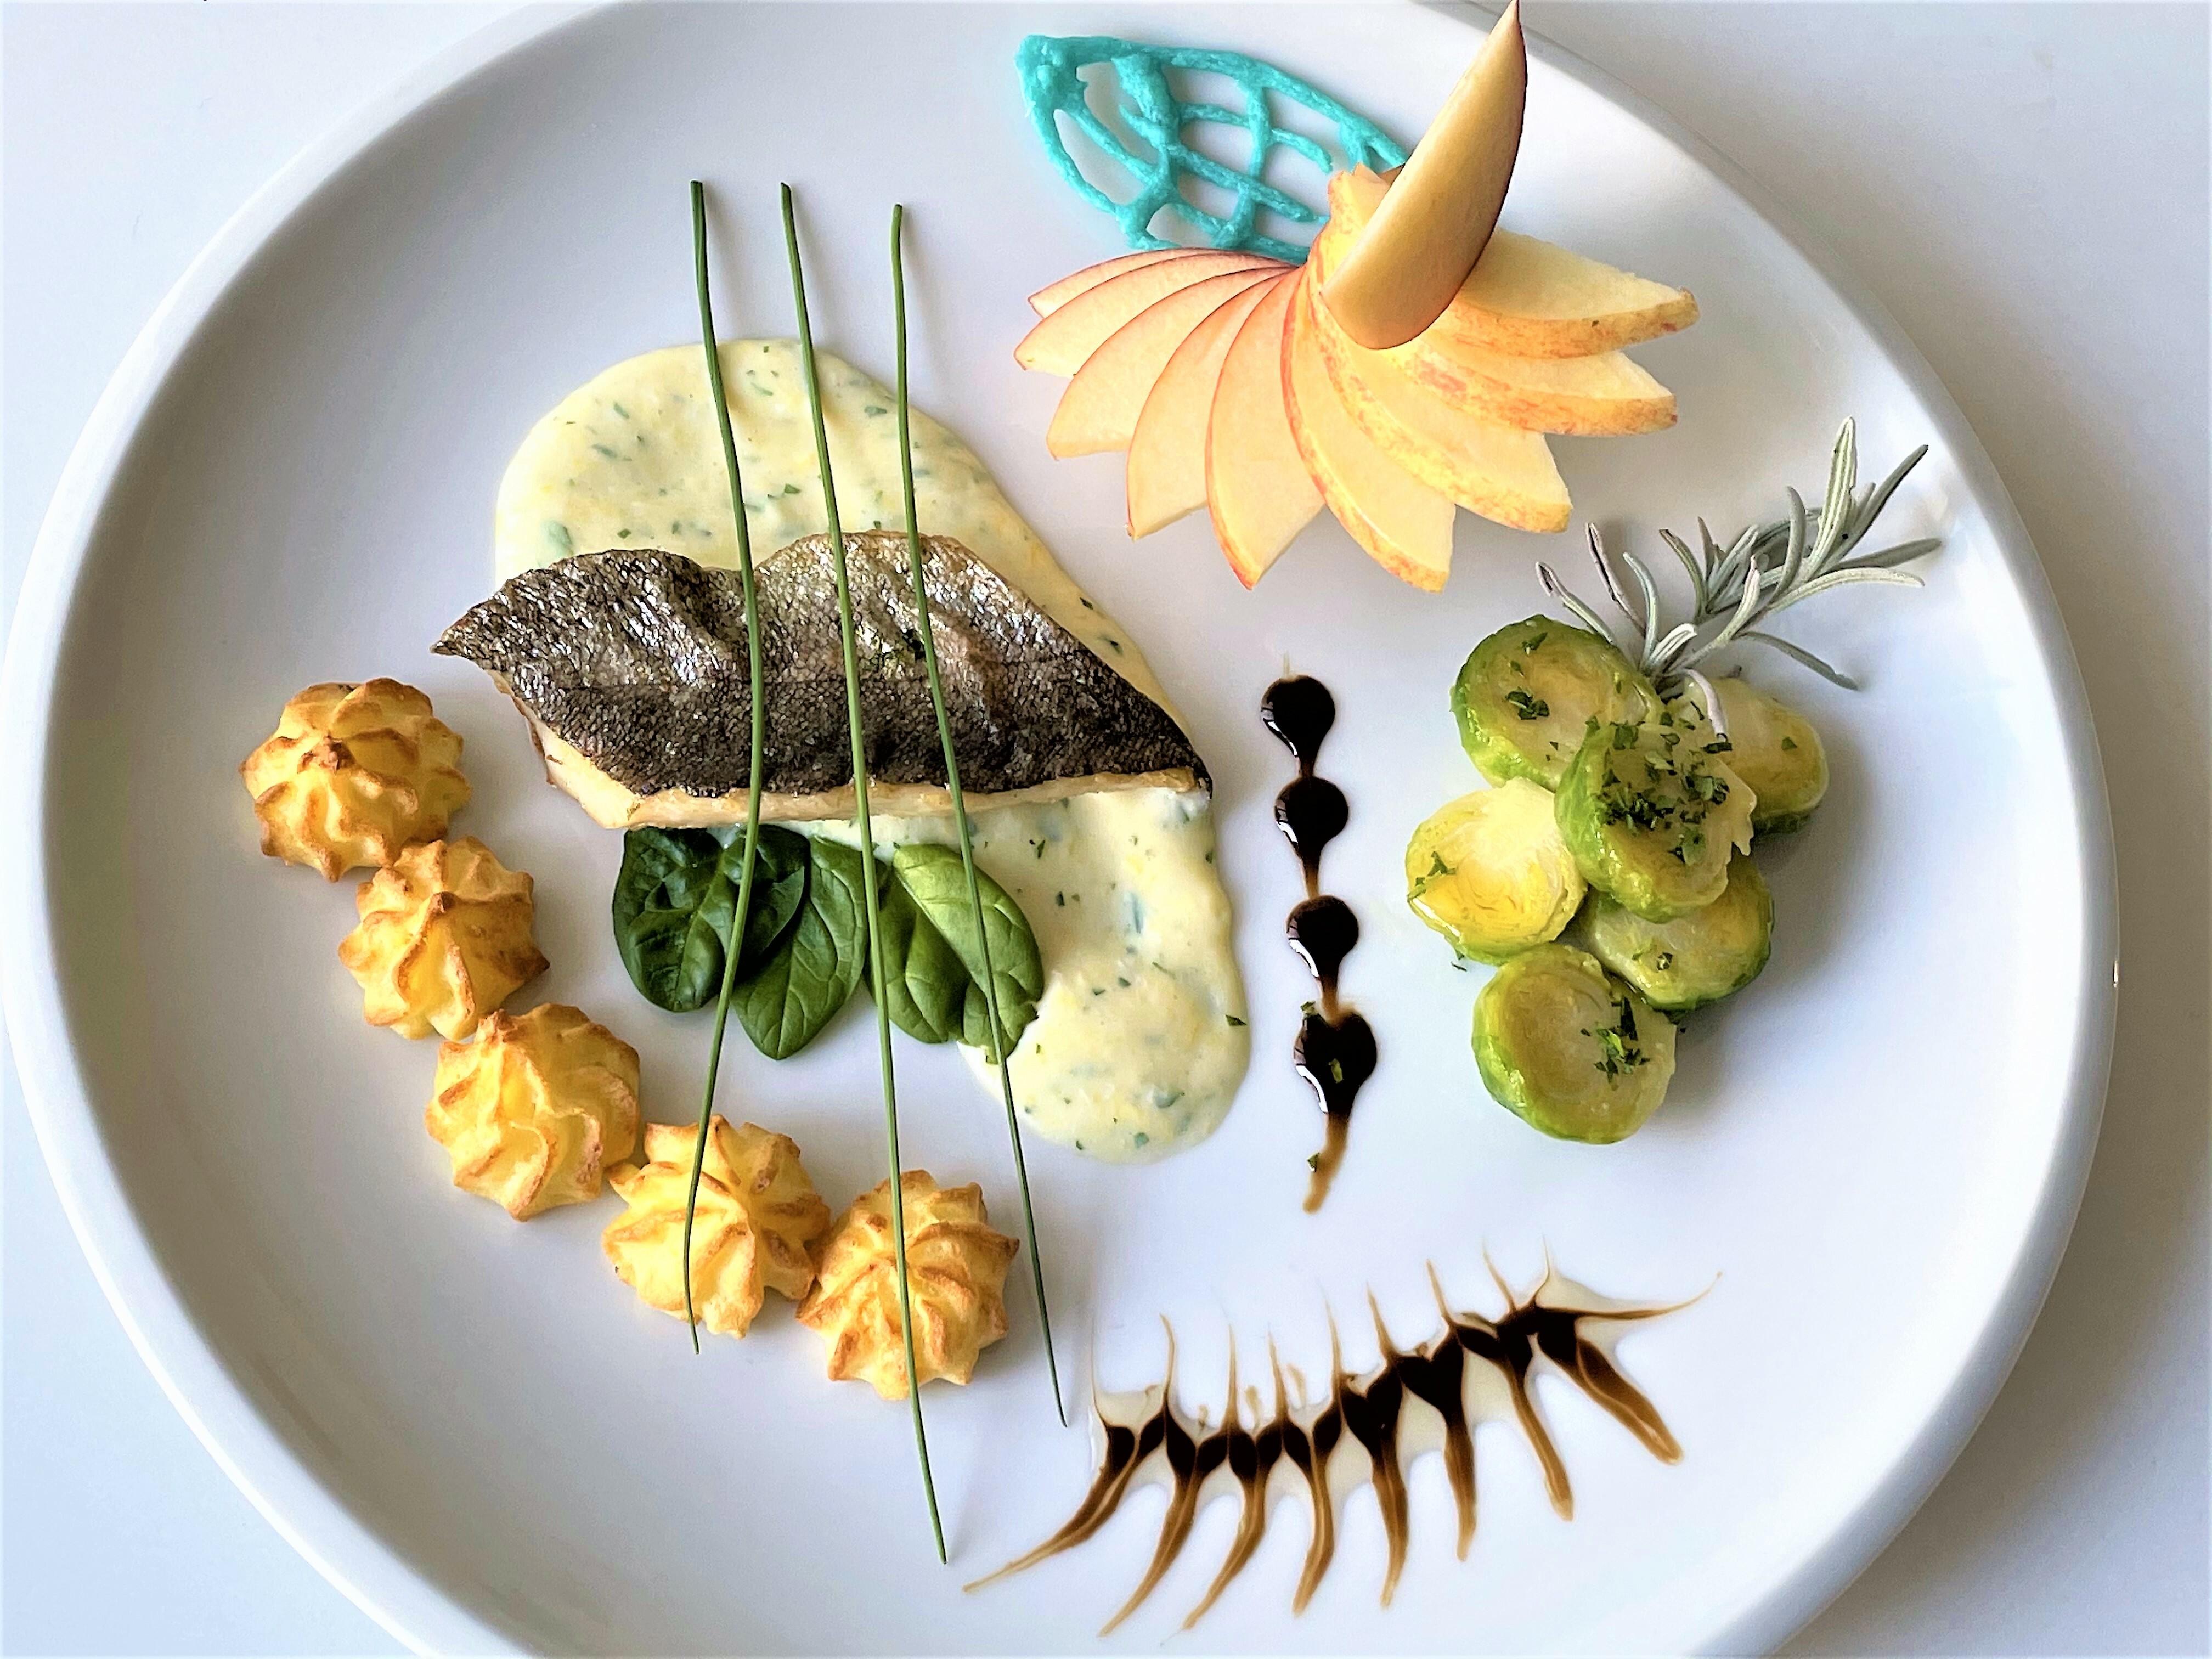 Filetto di trota con salsa Mornay, cavolini e pommes Duchesses